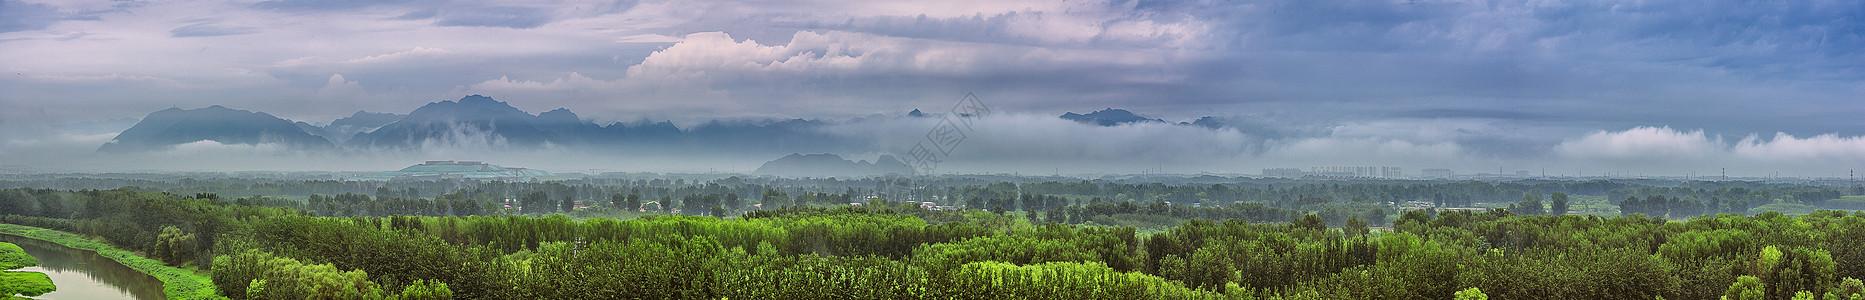 暴风雨下的北京郊区温榆河风光全景接片图片